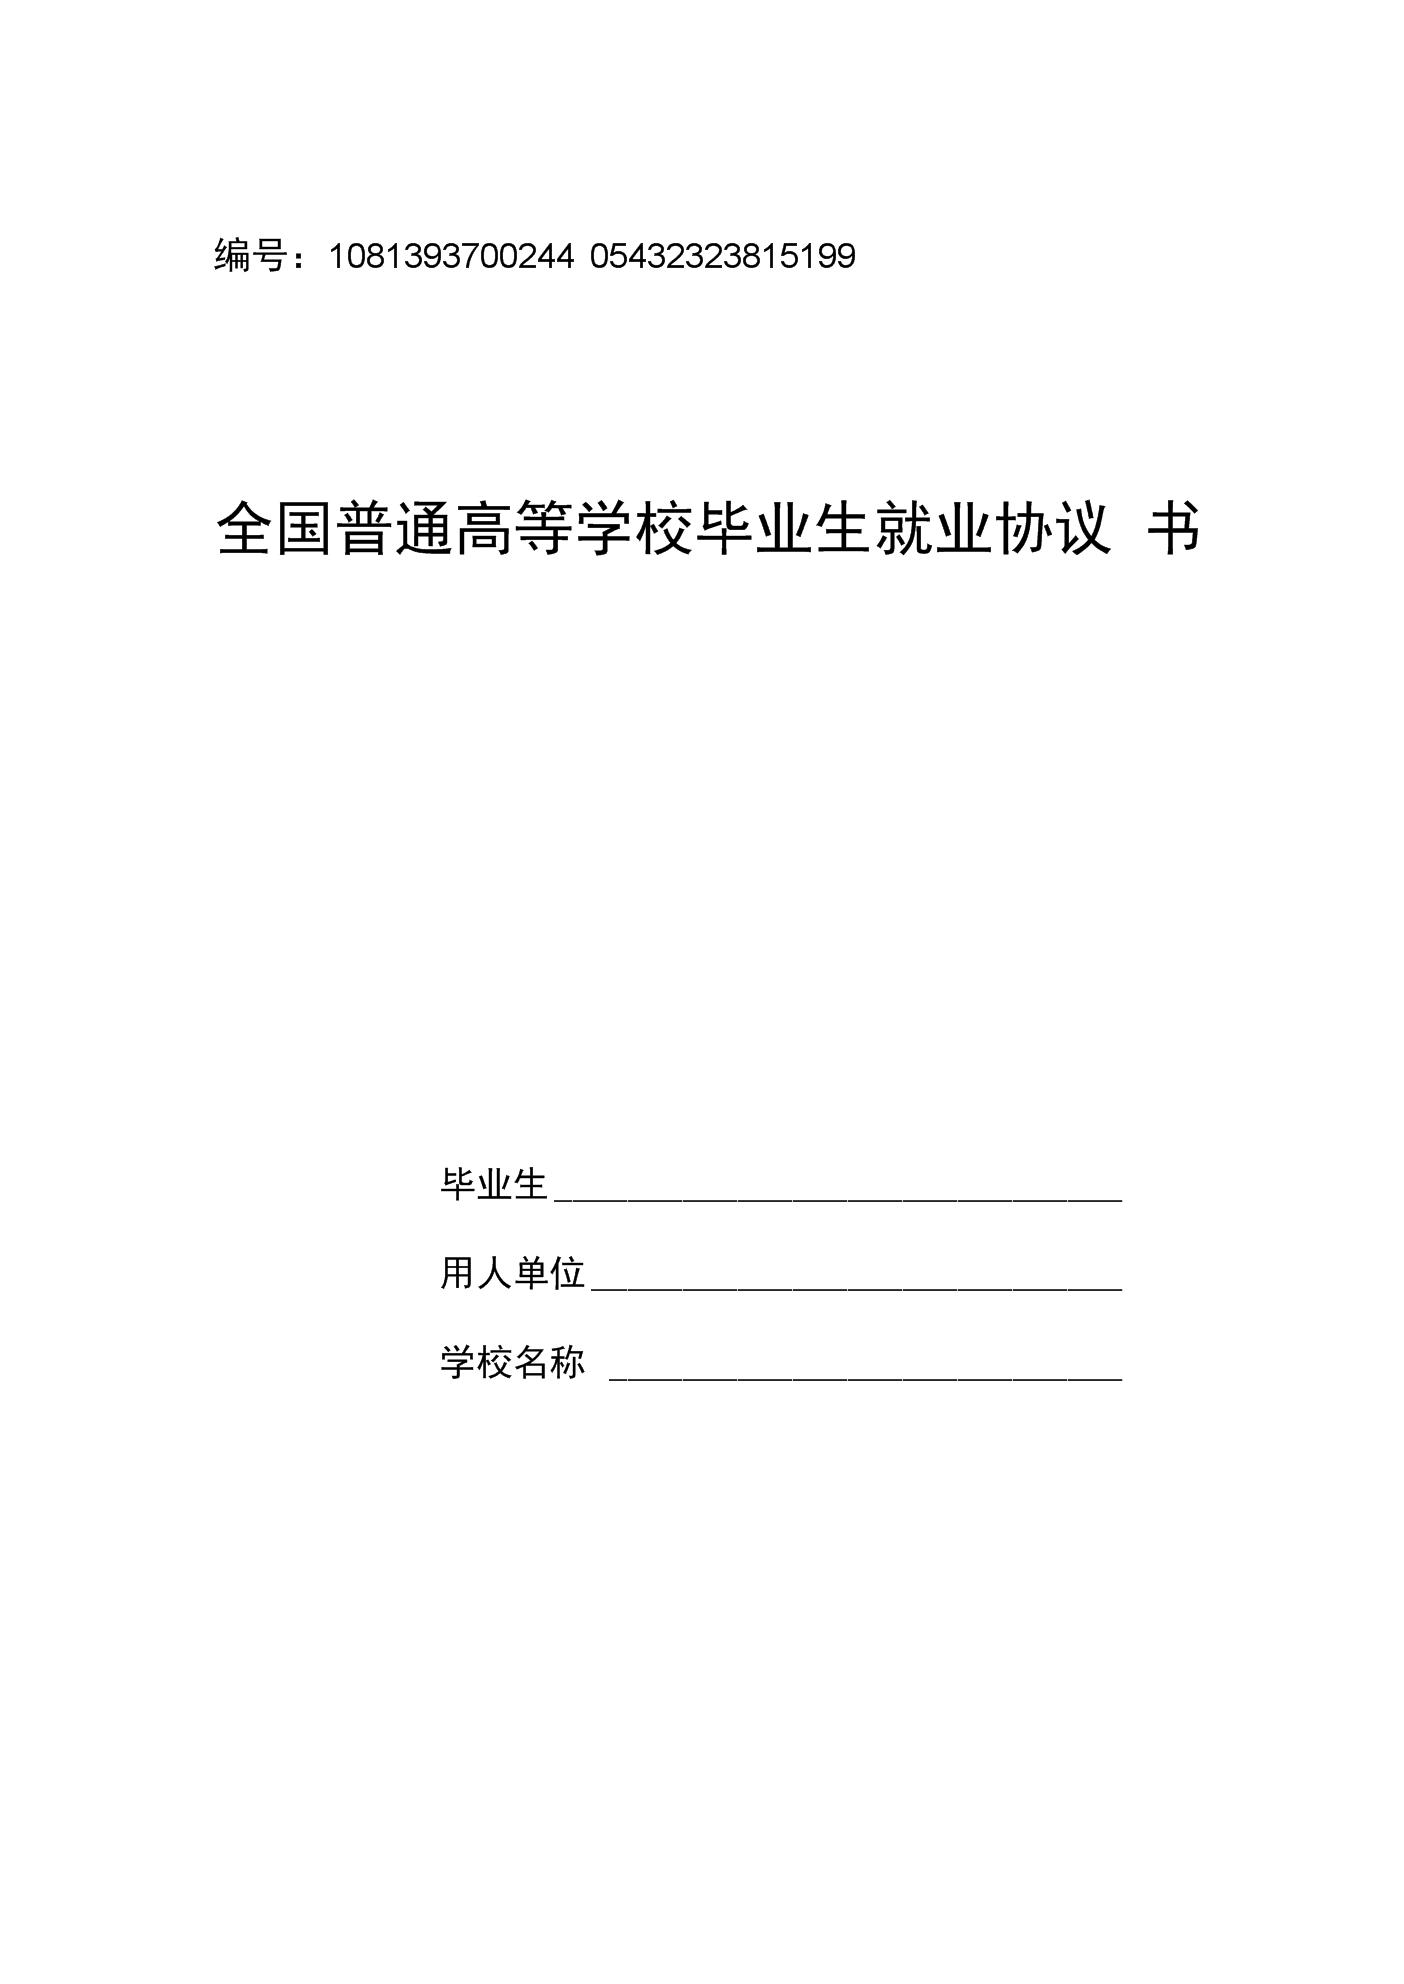 最新空白-毕业生就业协议书.docx